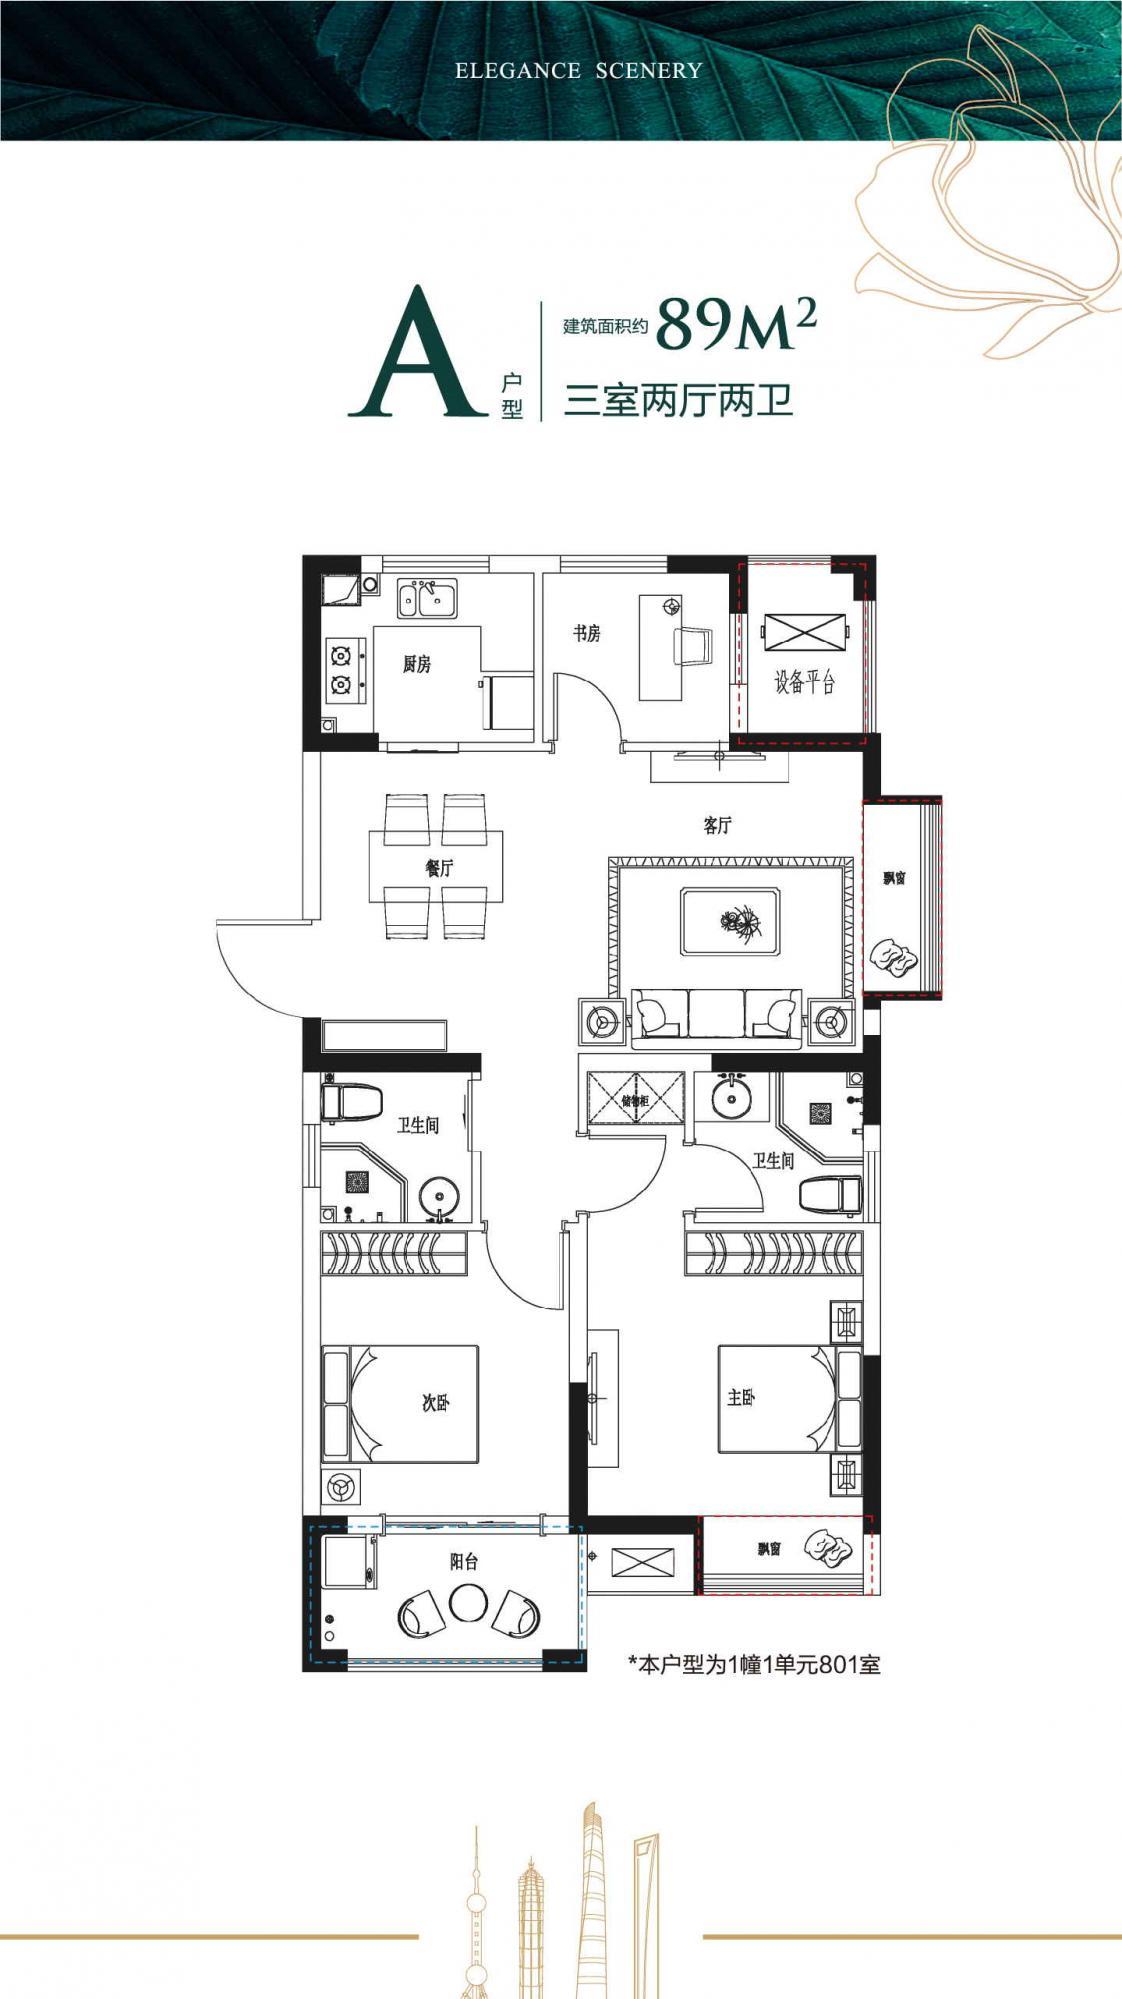 89平米的三室两厅的房子,预售大概在多少